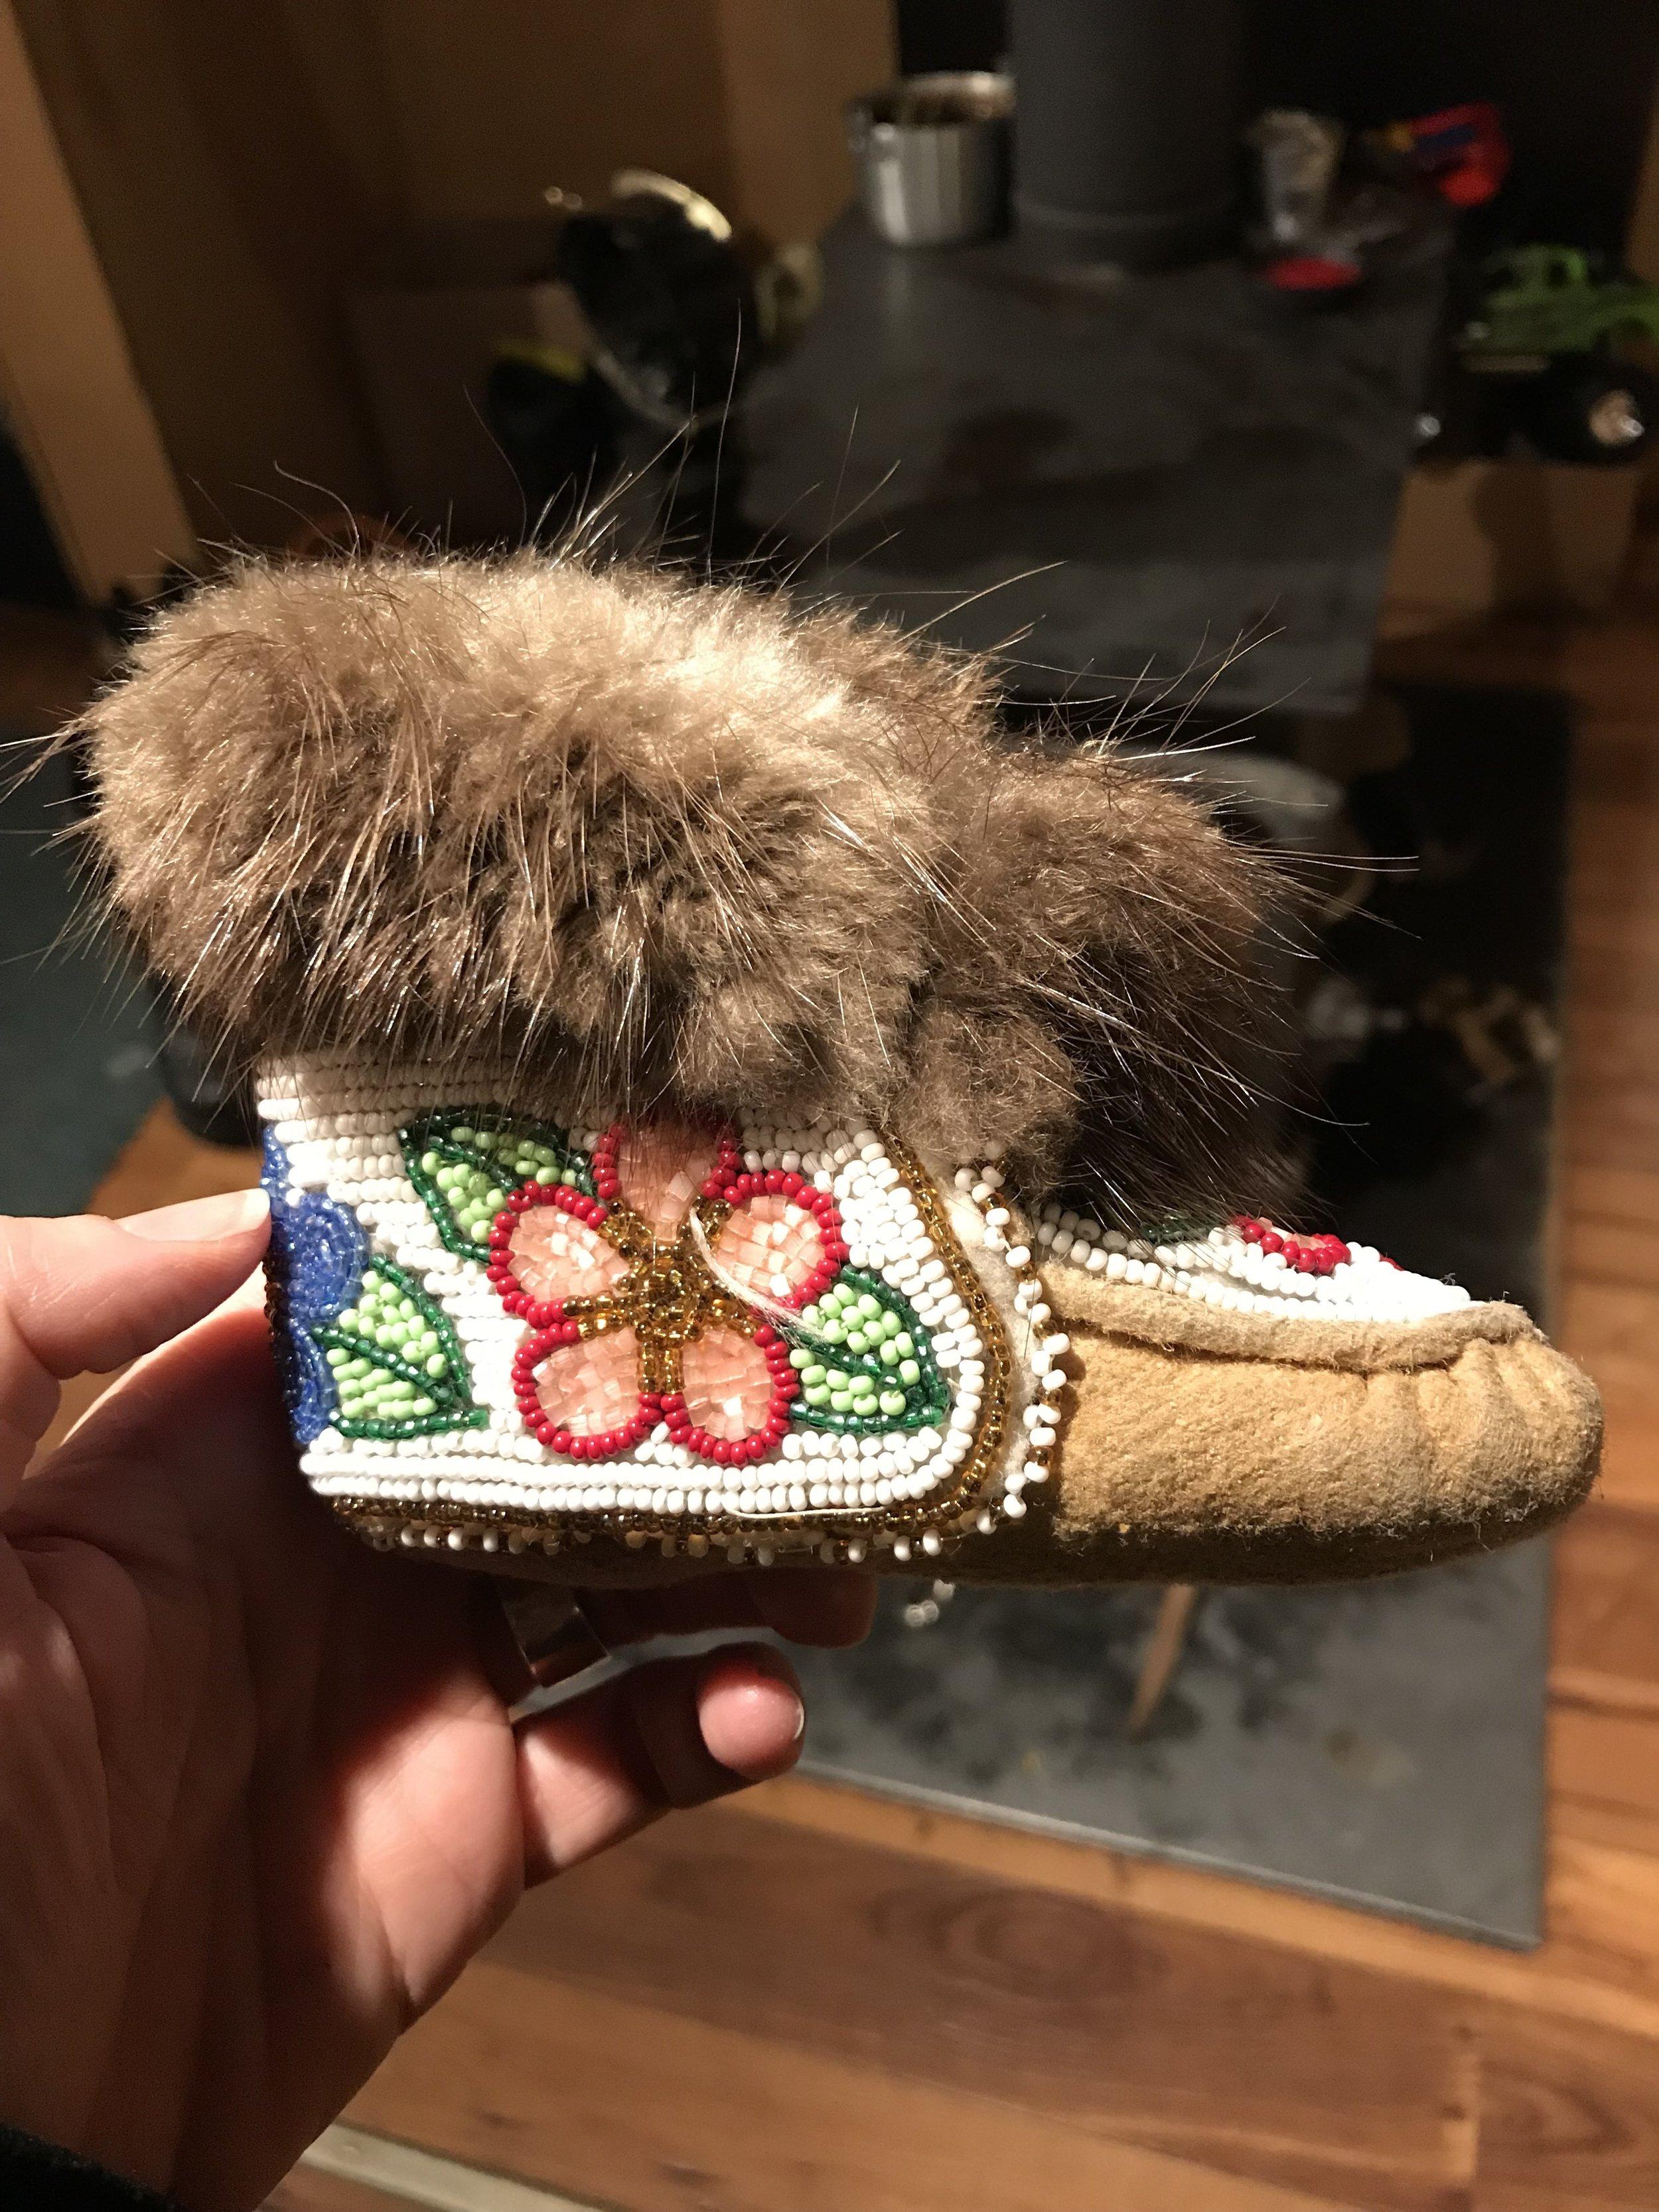 Mary Jane's grand daughter's baby beaded slipper